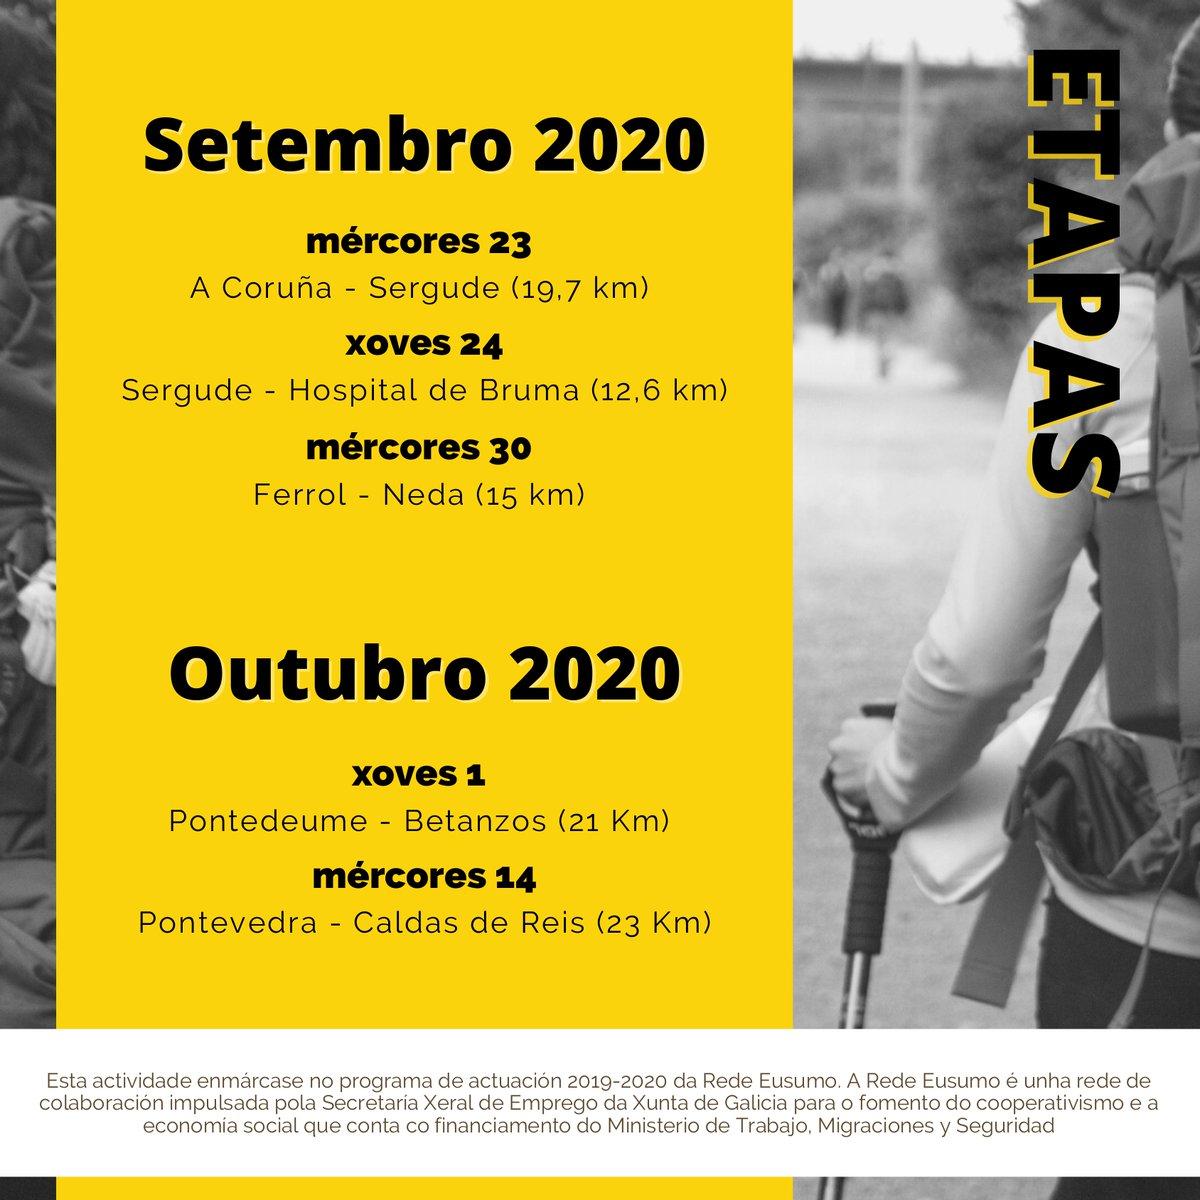 A @fundacionronsel está a desenvolver, no marco da #RedeEusumo, o #CAMIÑO #EMPRENDEDOR 👇 🚶♂️🚶♀️🏞️ Un proxecto que une a ruta a Santiago co potencial emprendedor de Galicia: 👣 andaina + 🙋♀️ actividades de mentoring. #cooperativas #economíasocial Apúntate! 🔛https://t.co/bbxUd7awN3 https://t.co/7W0vsS85X3